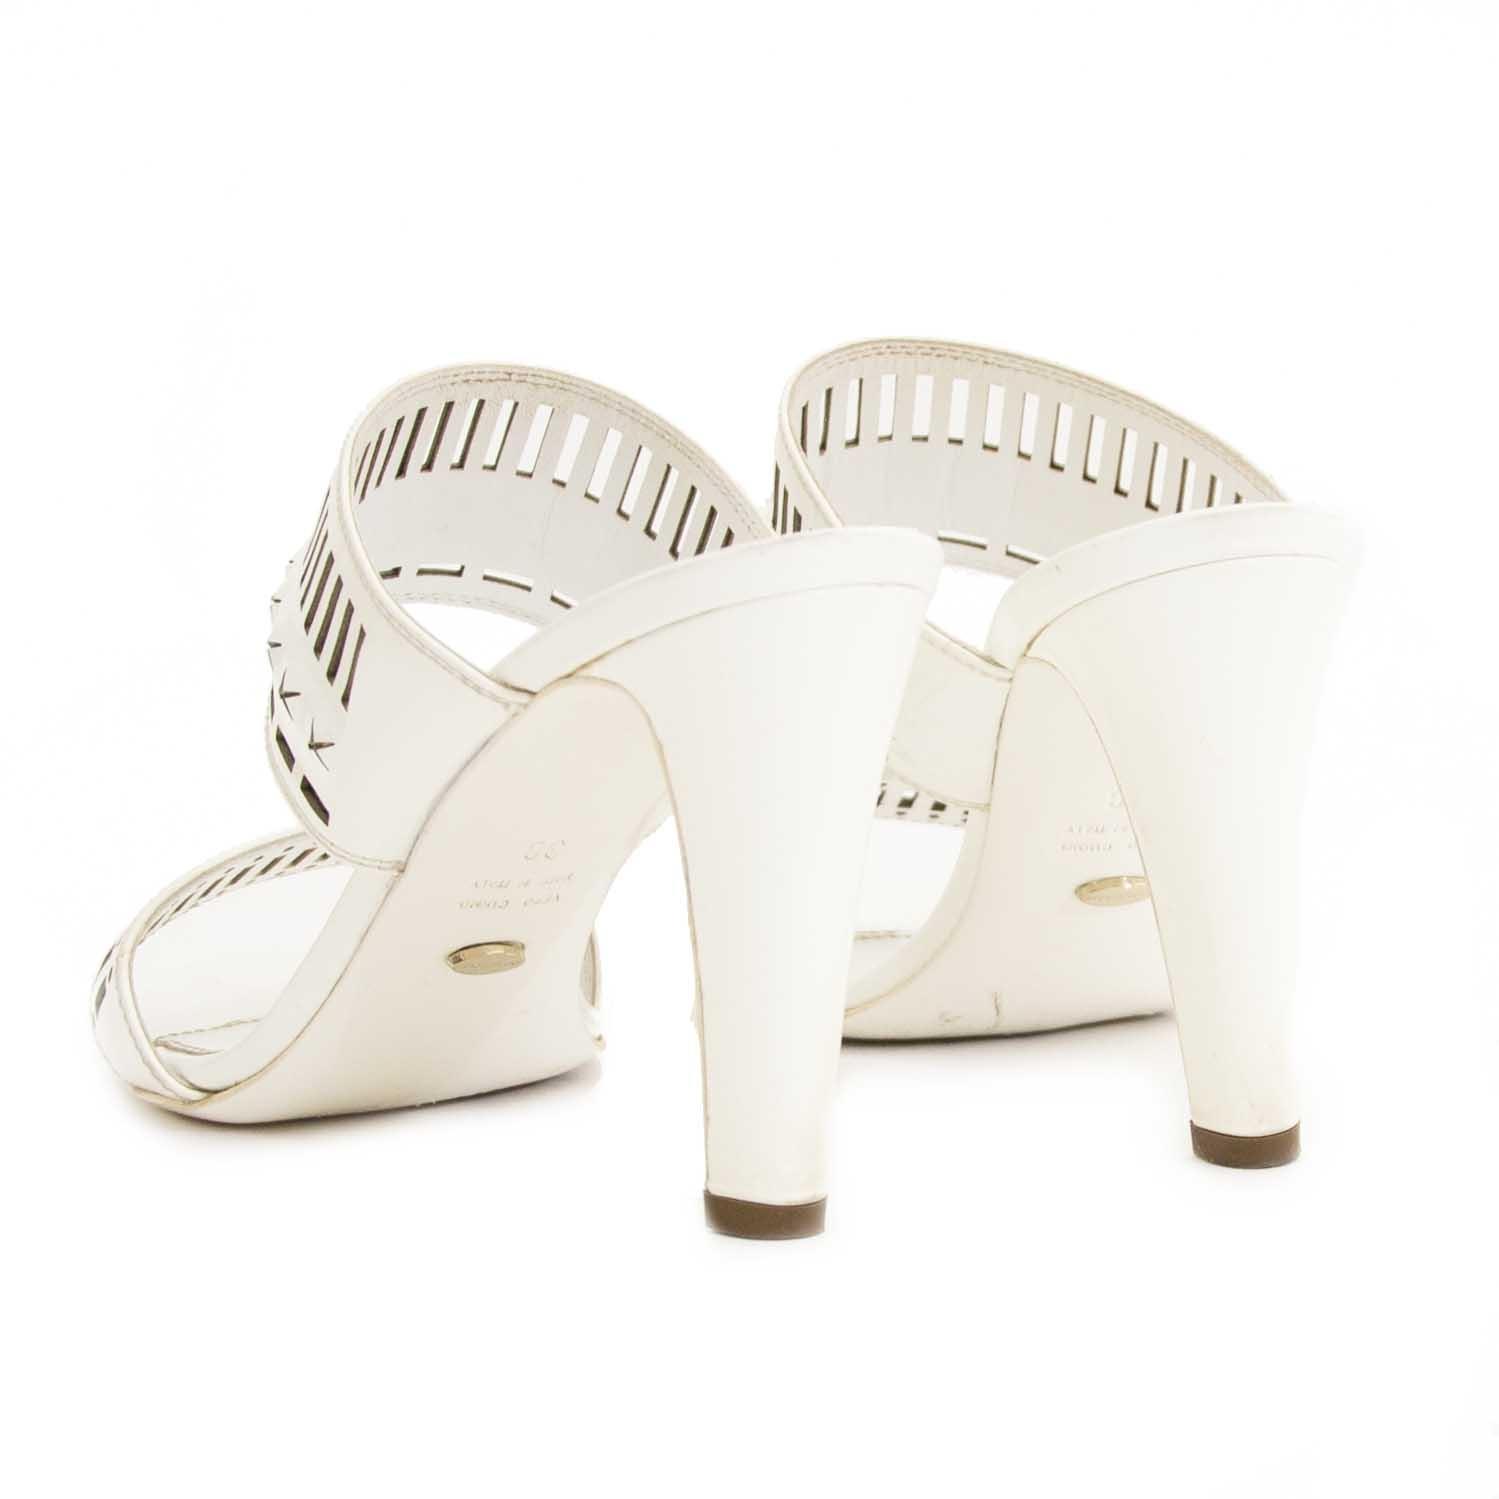 b1198285fb7 Labellov Shop Vintage Luxury Designer Handbags   Fashion   Shoes ...